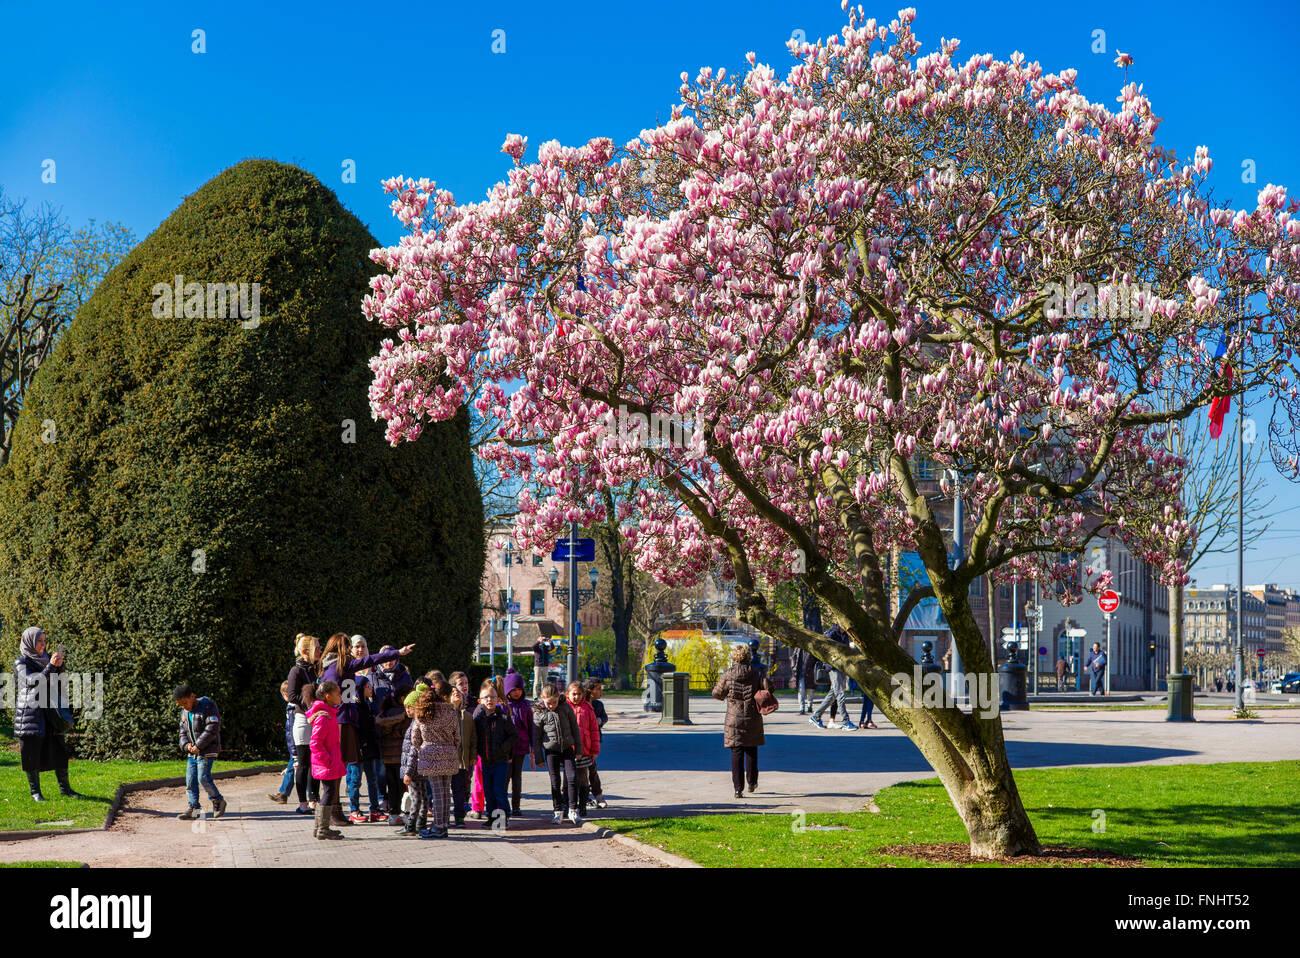 Blossoming magnolia tree, schoolchildren, Place de la République square, Strasbourg, Alsace, France - Stock Image